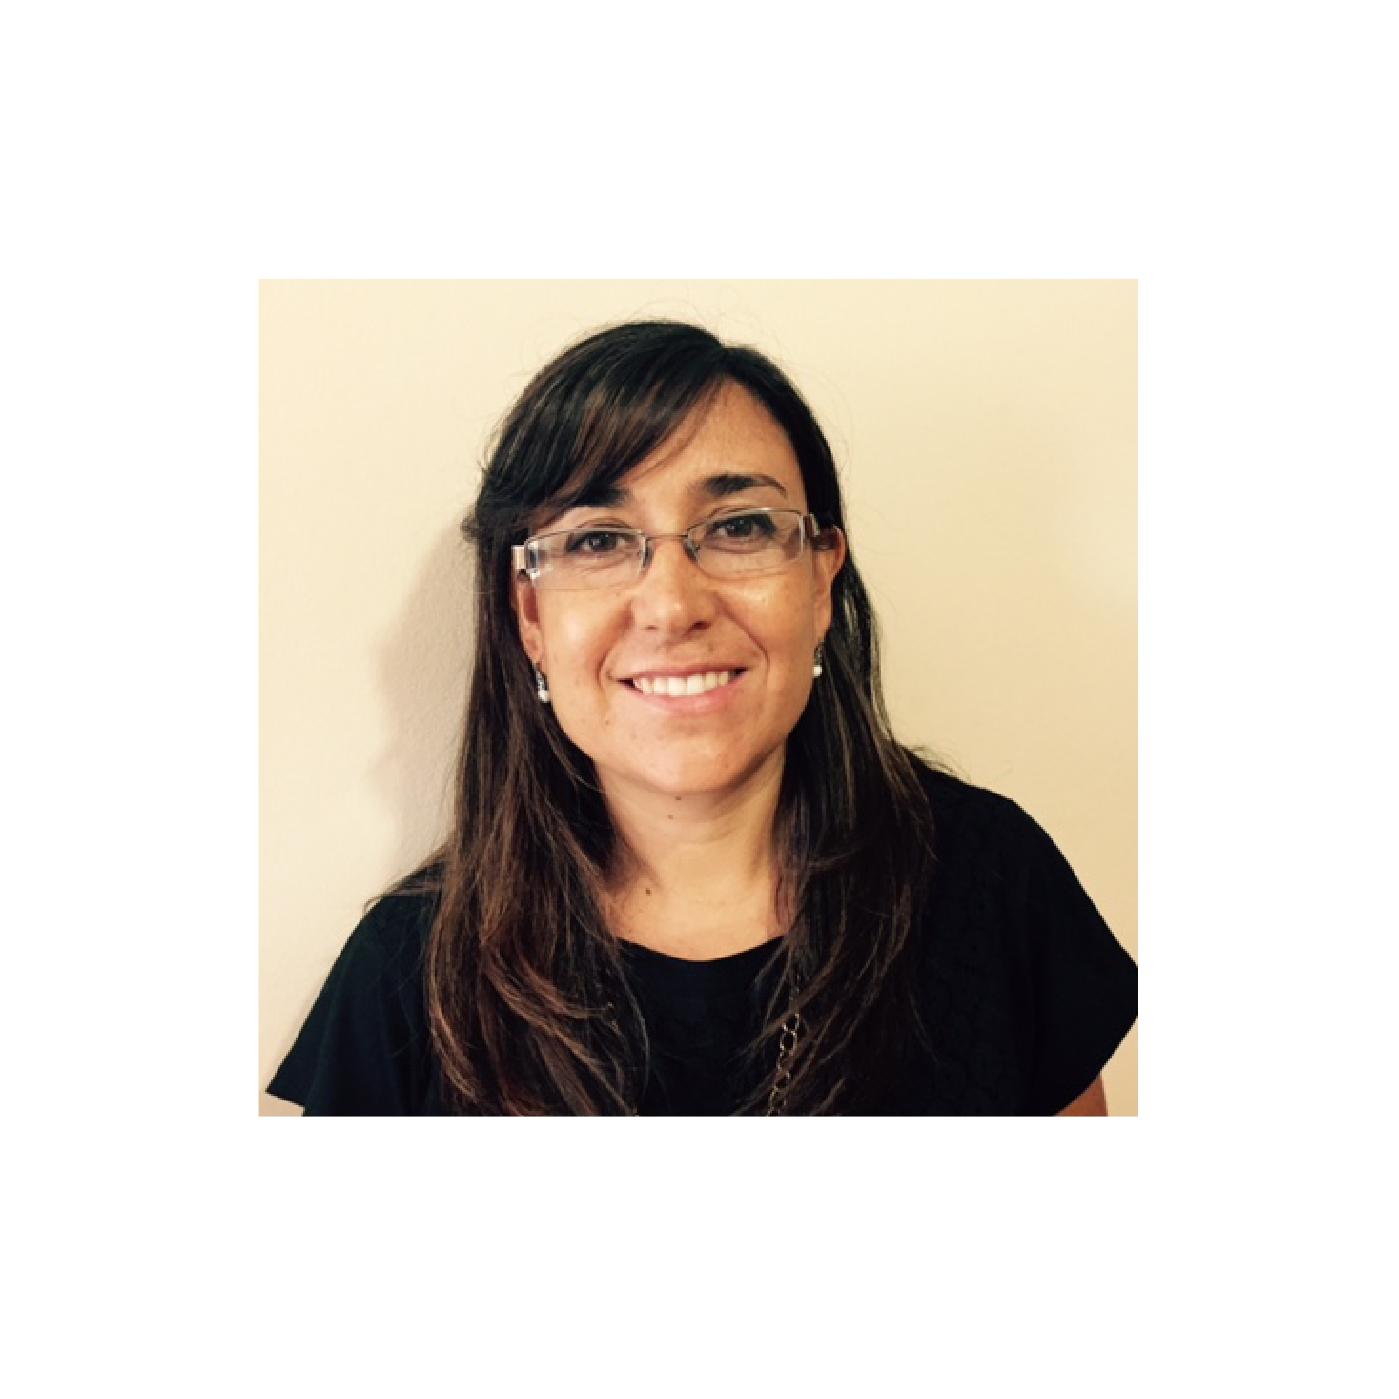 Mgst. Marisol San Juan